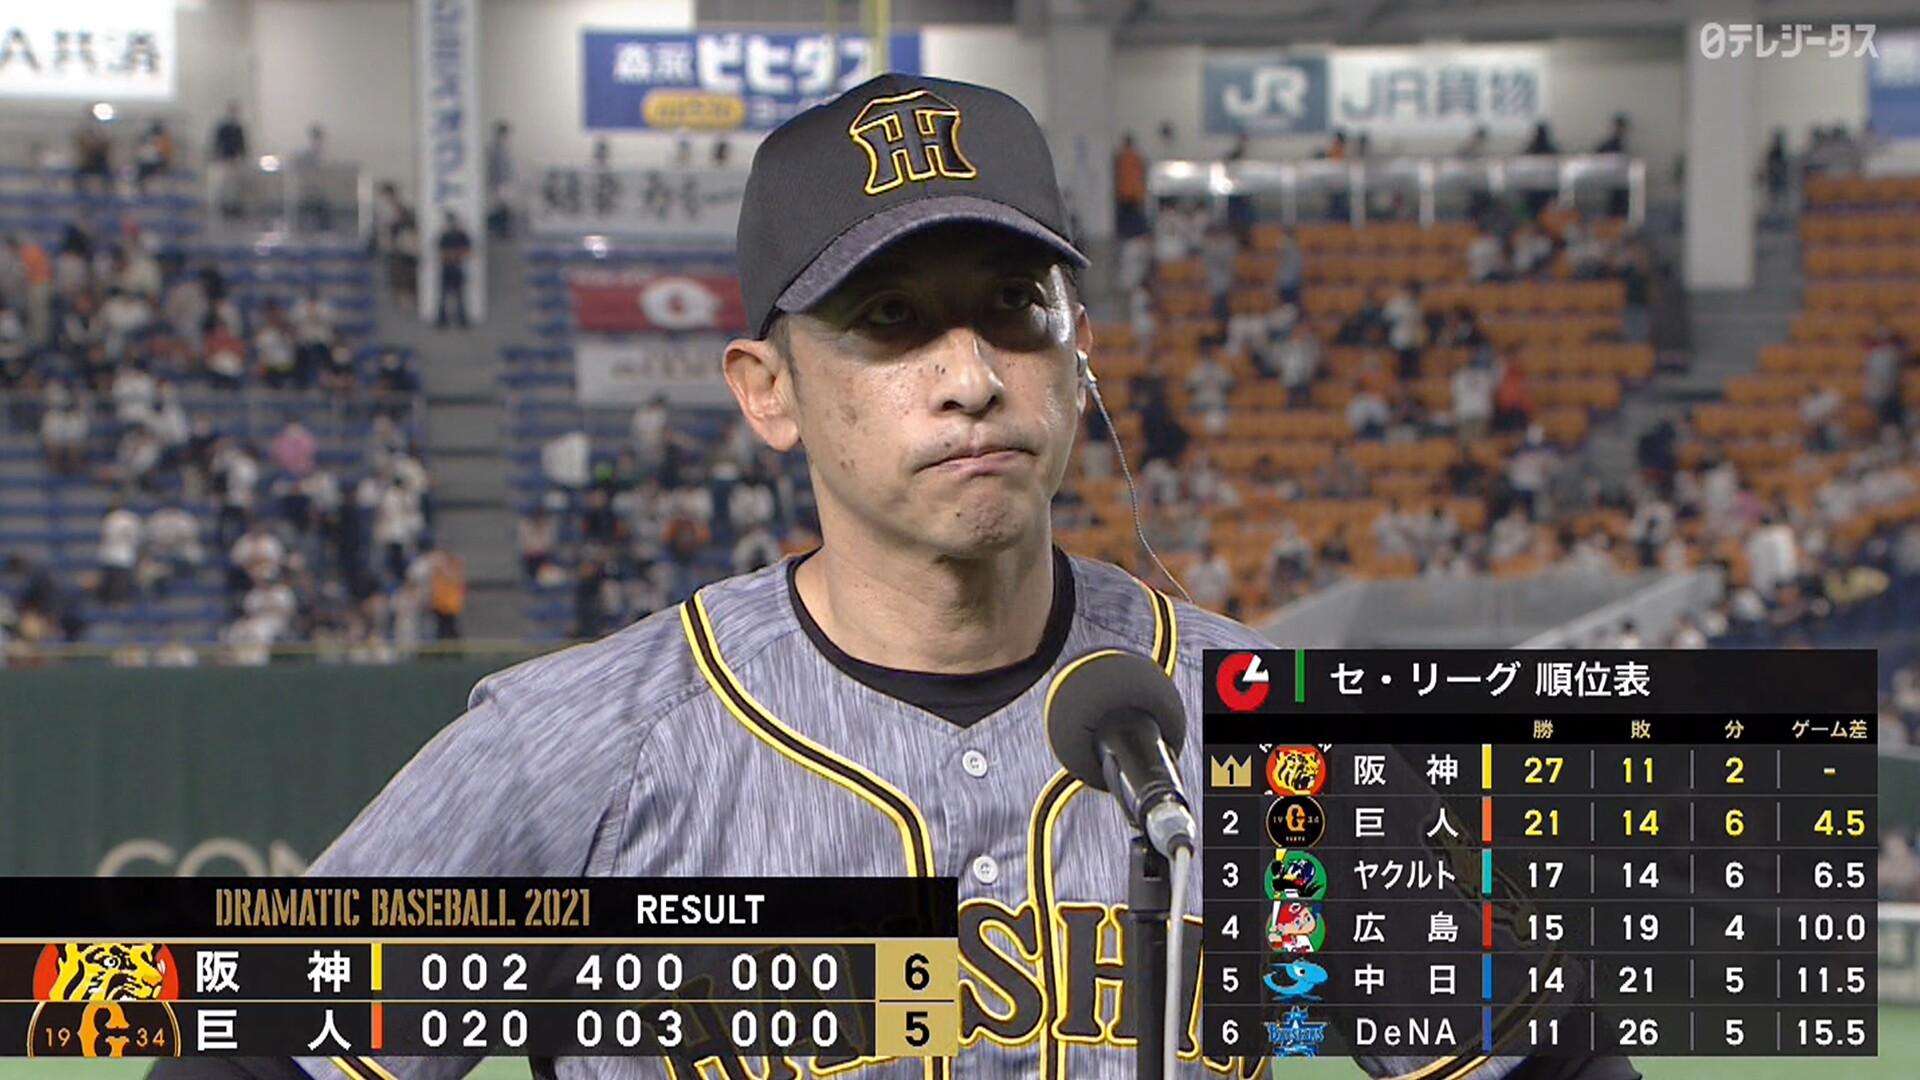 阪神、デーゲーム15連勝! スアレス162キロ締めで巨人に勝ち越し